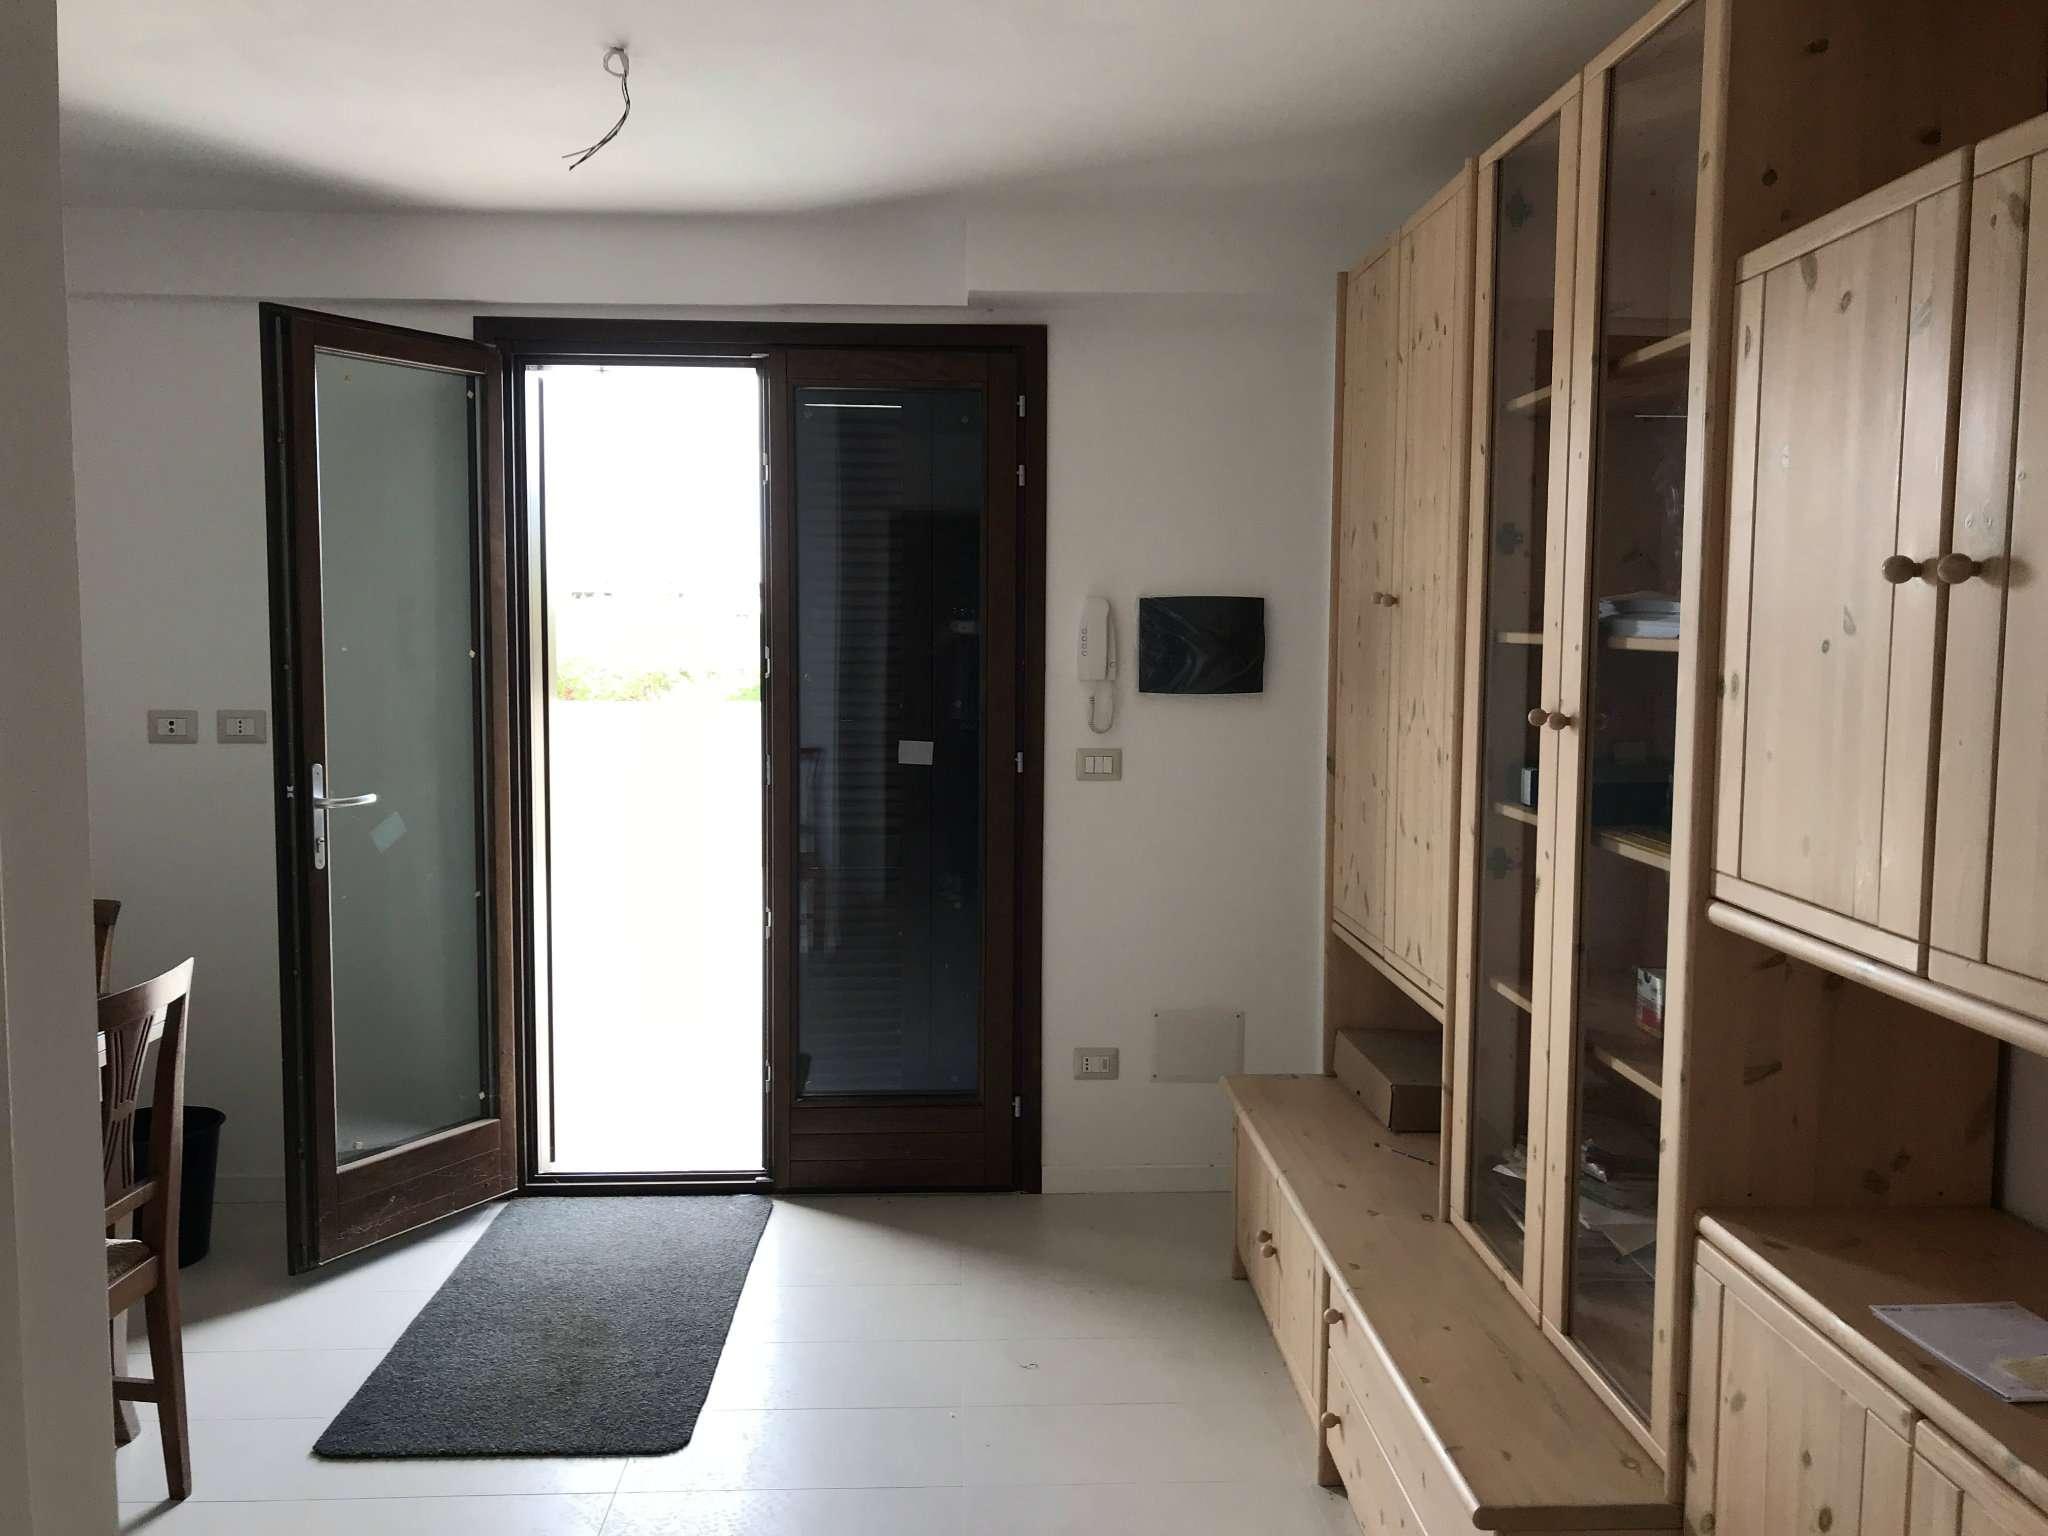 Appartamento in vendita a Olmedo, 2 locali, prezzo € 38.000 | CambioCasa.it